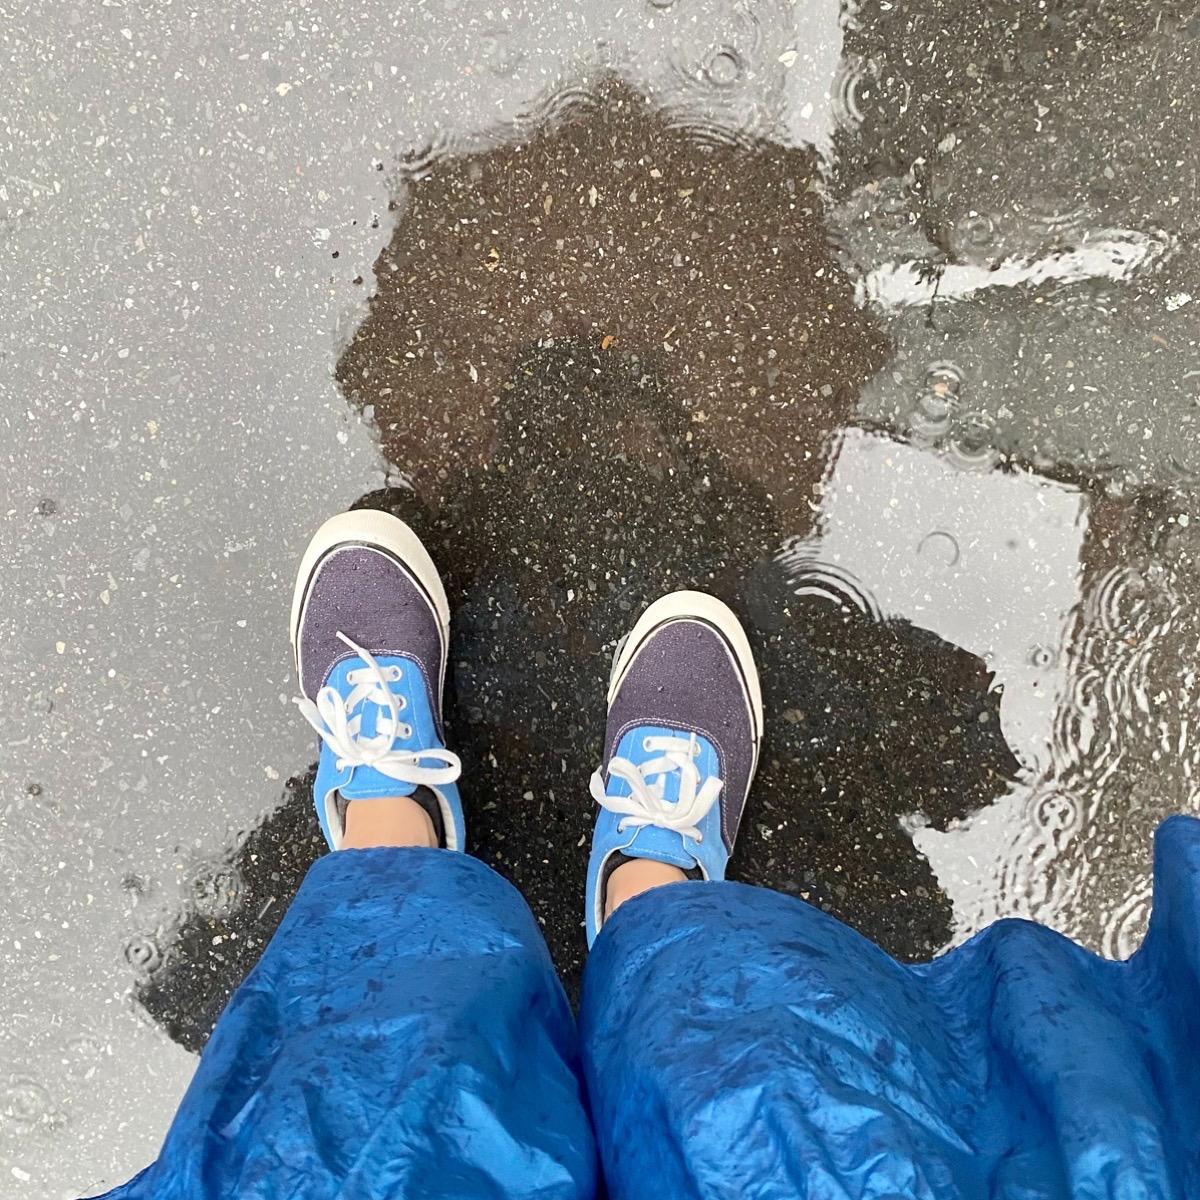 ワークマン WORKMAN #ワークマン女子 スニーカー シューズ 梅雨 雨の日 コーデ 撥水